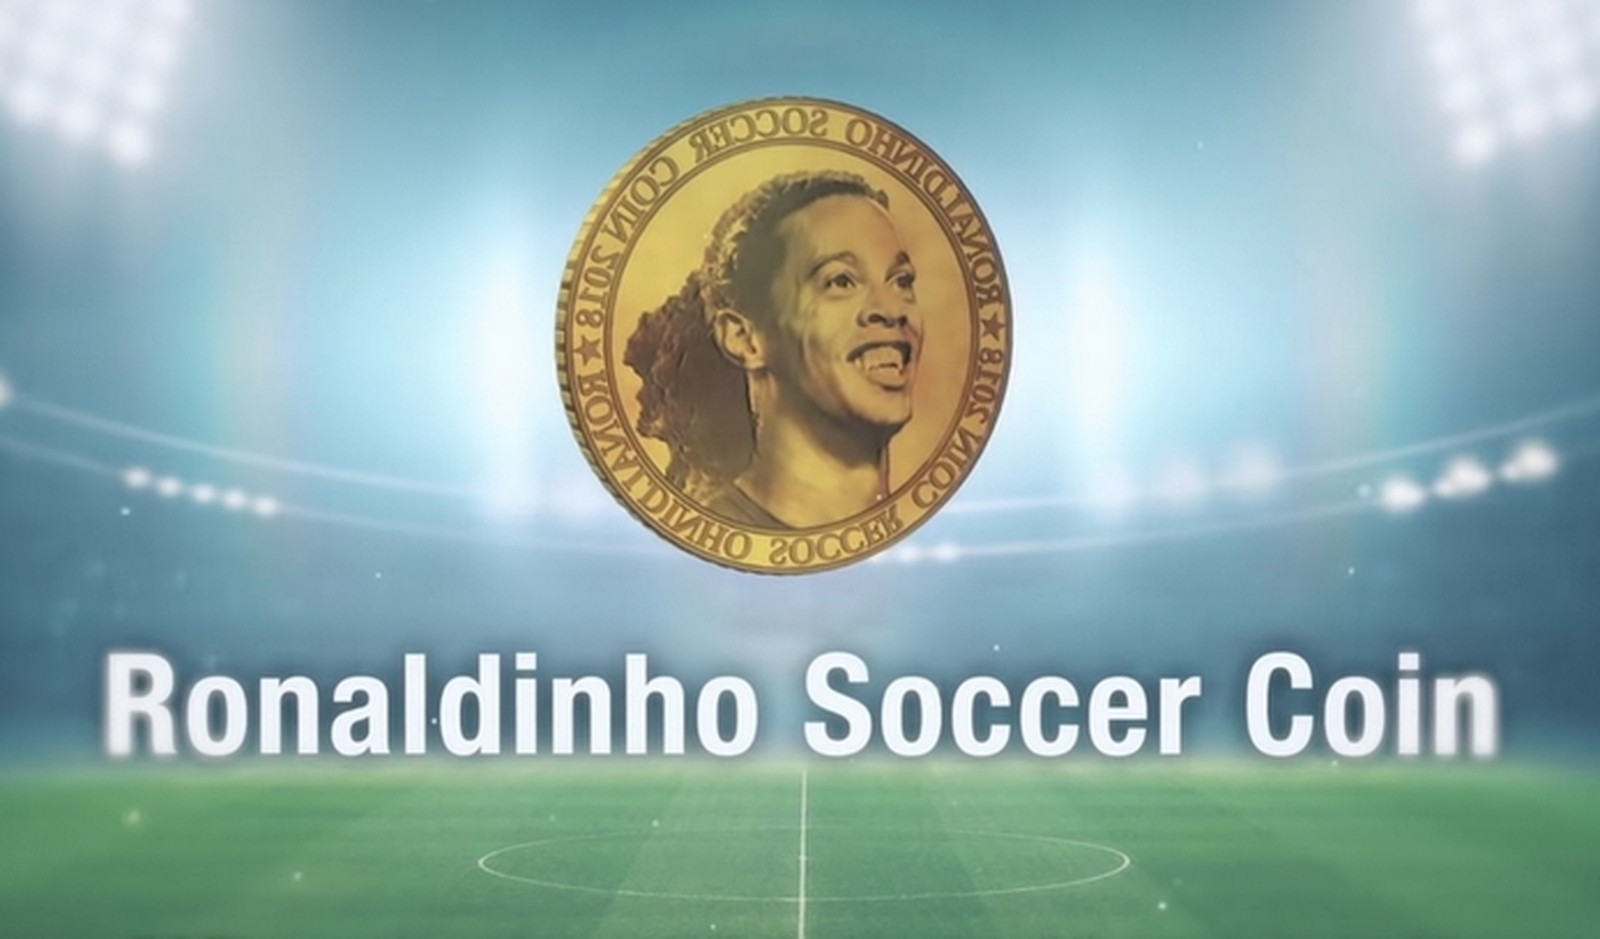 Ronaldinho Gaúcho lança sua própria moeda virtual; conheça a RSC